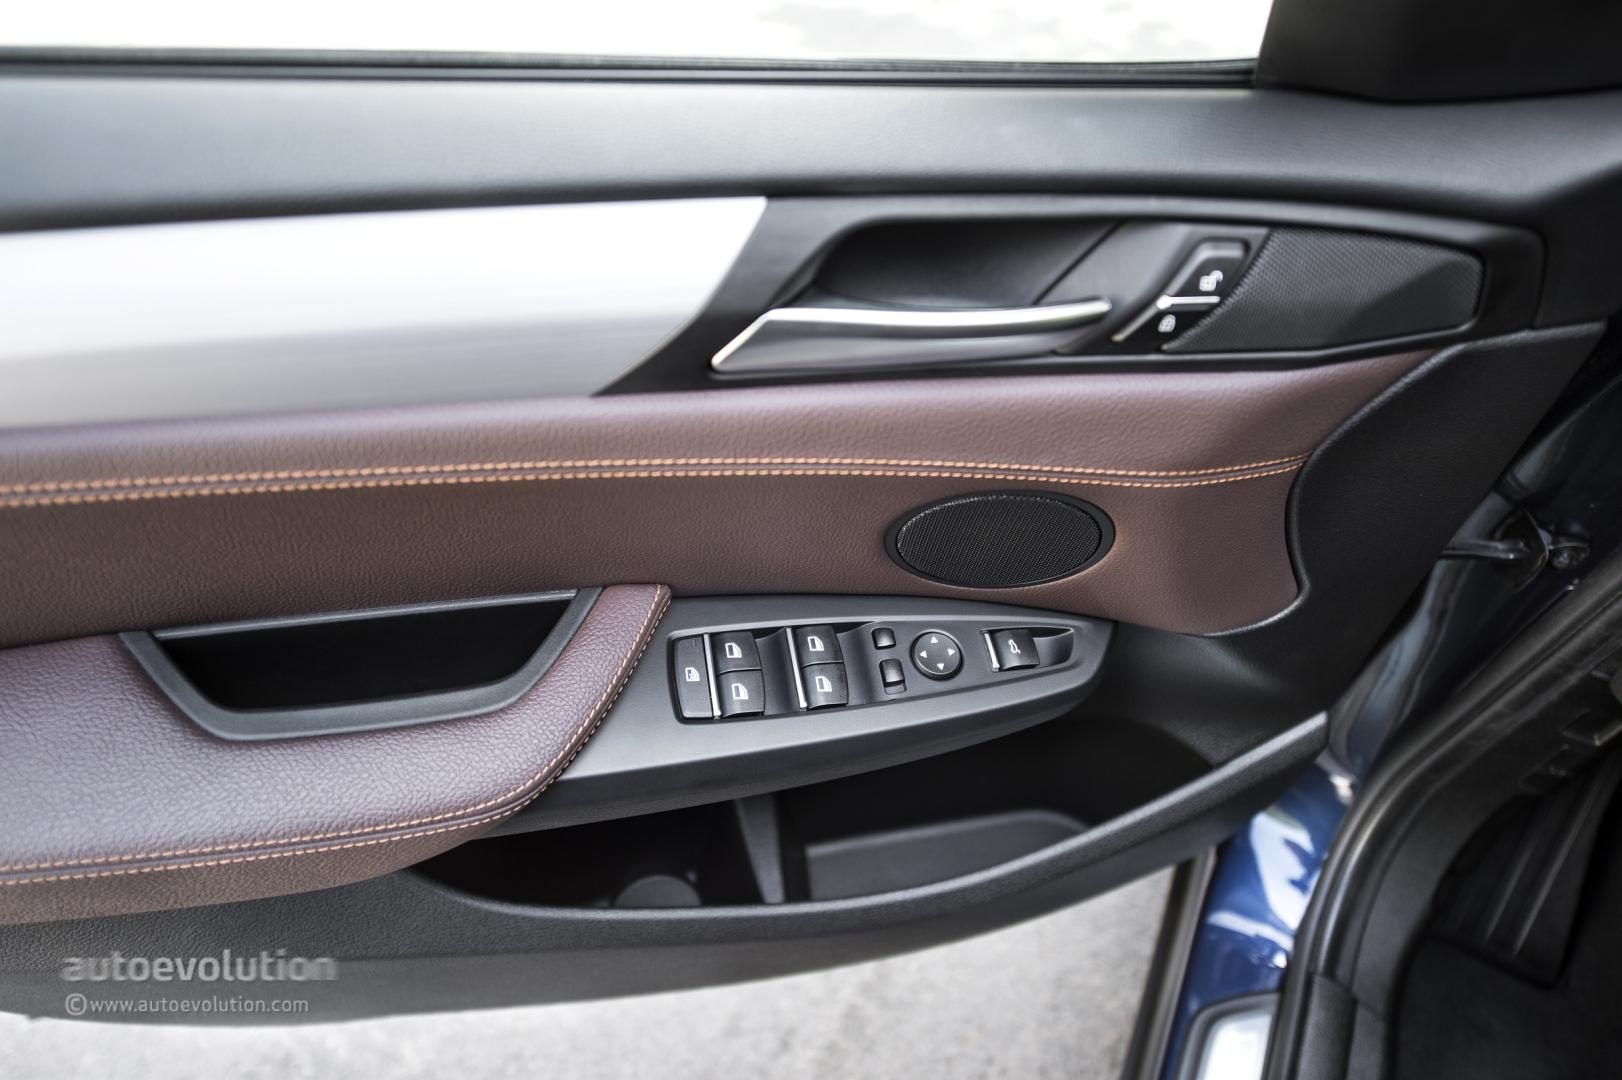 BMW bmw x3 2015 : 2015 BMW X3 Review - autoevolution